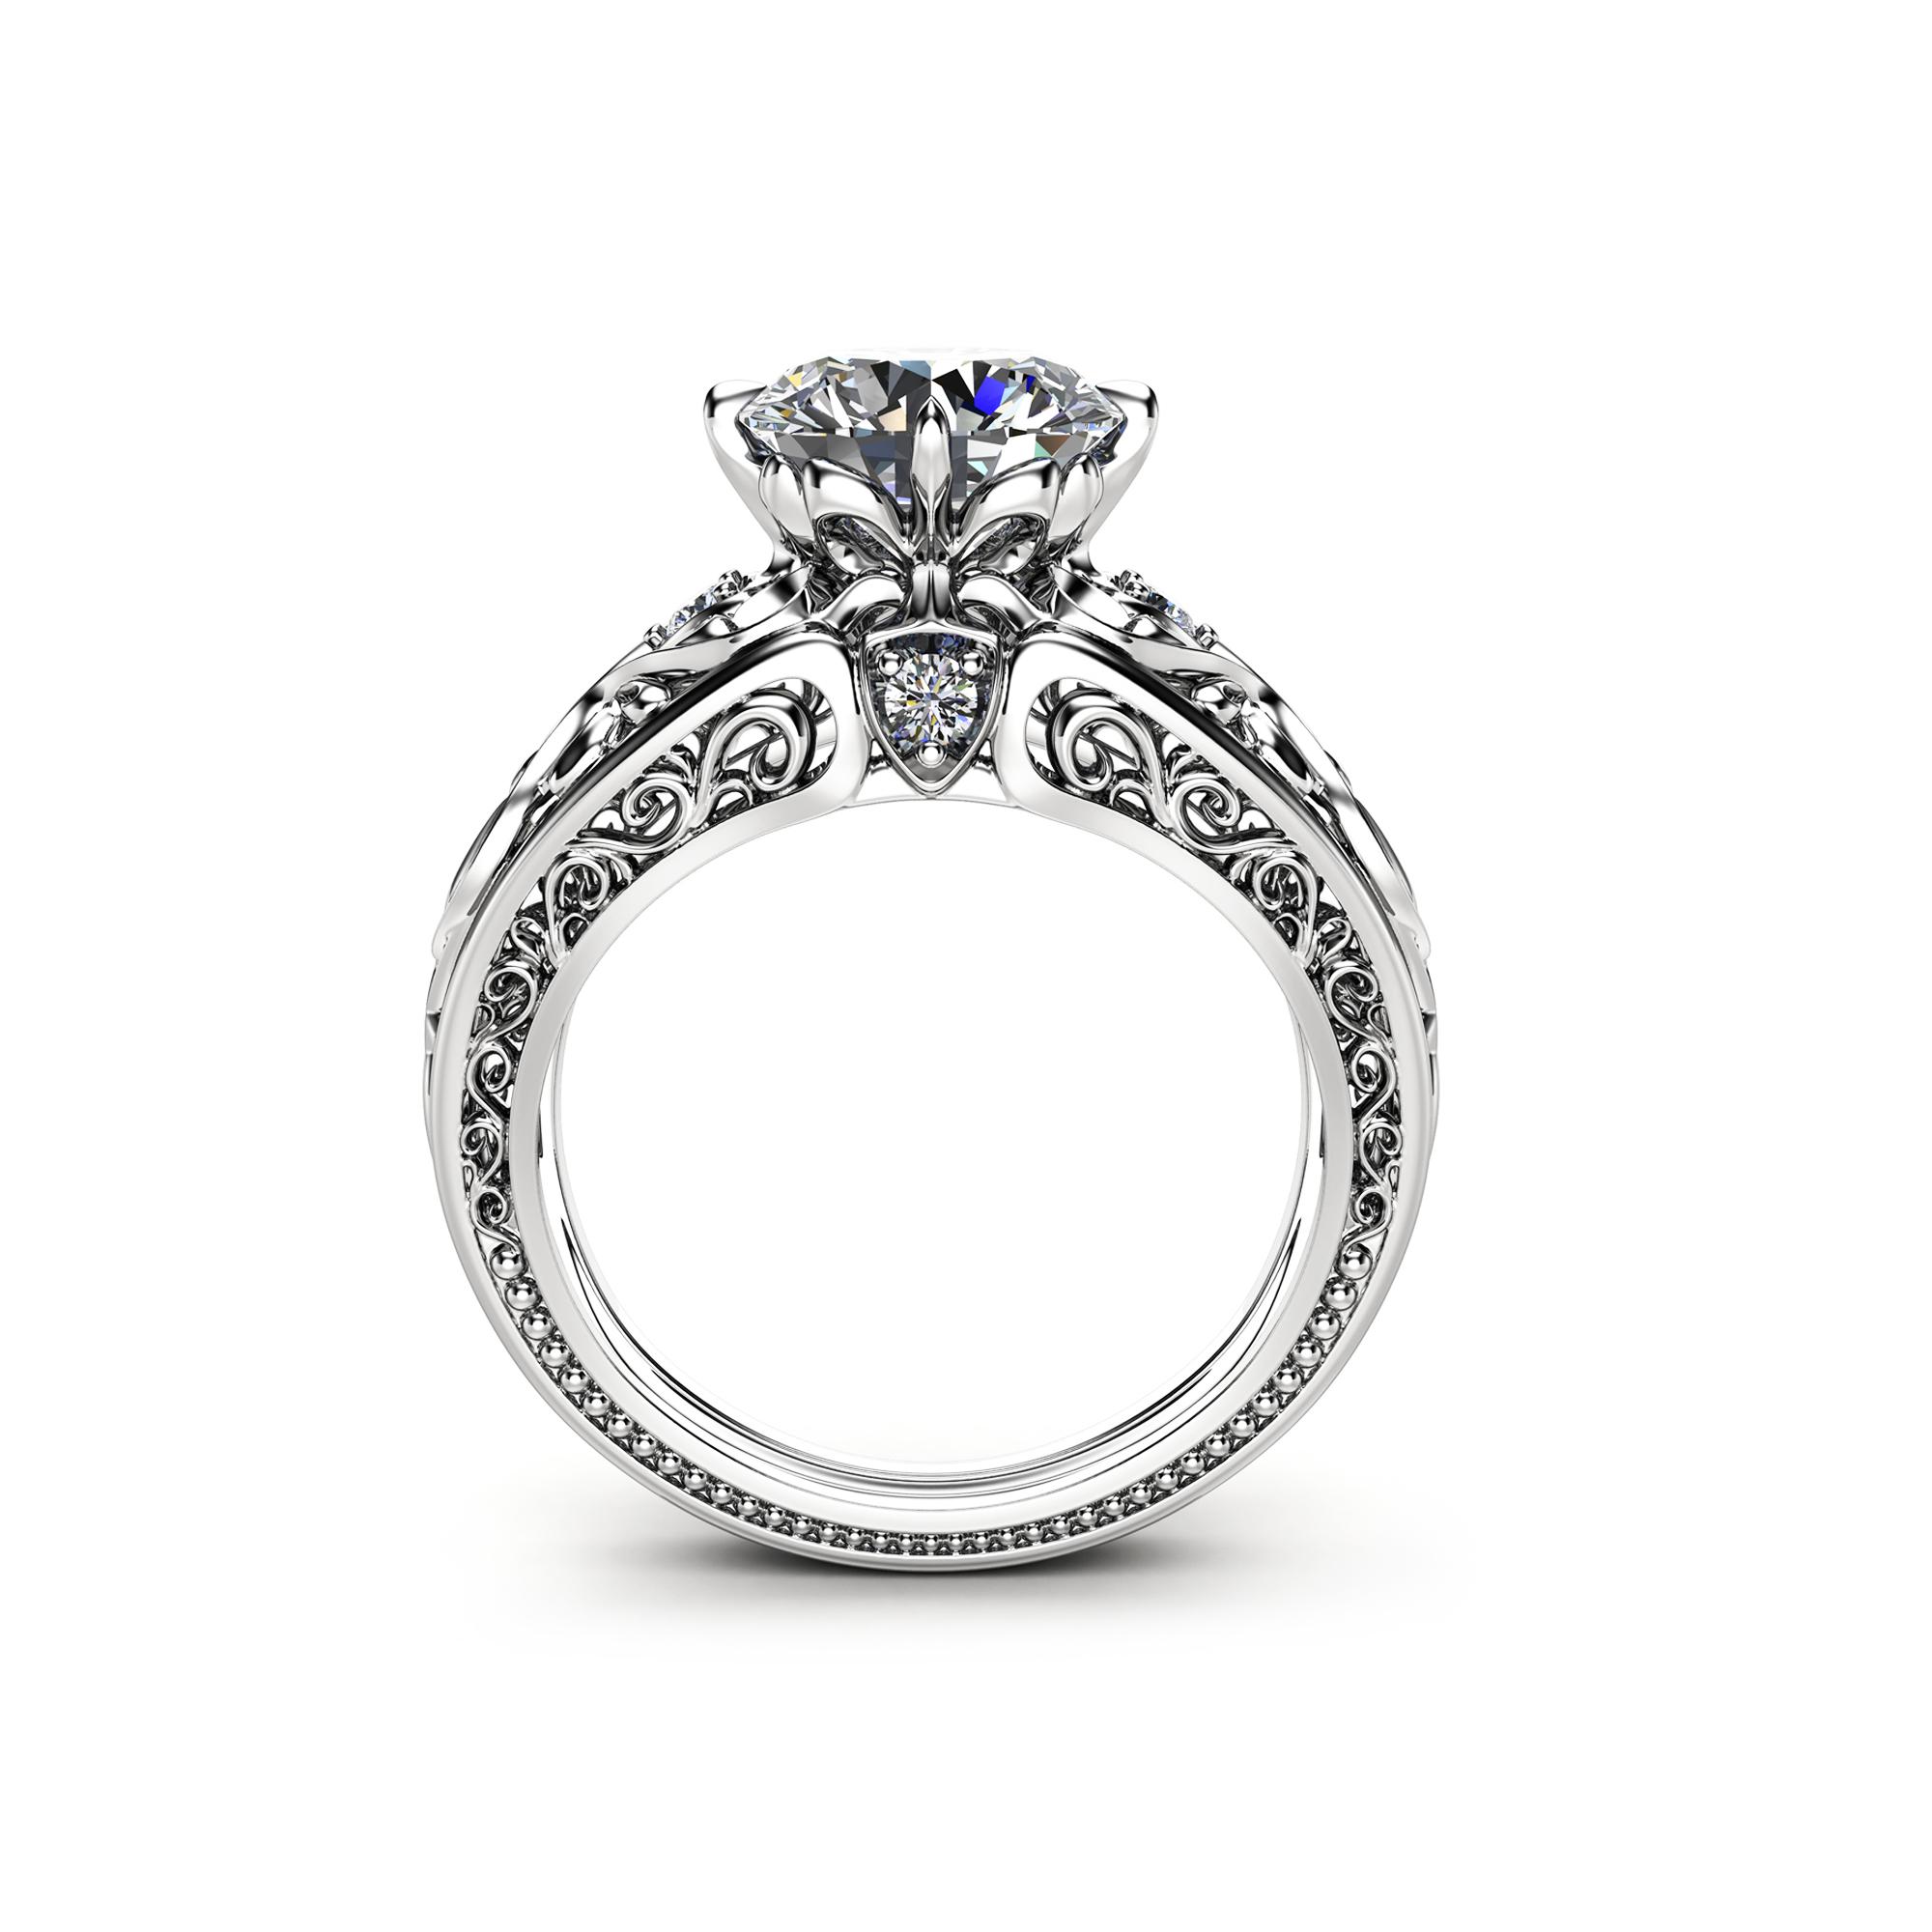 14k White Gold Moissanite Engagement Ring Art Deco Styled